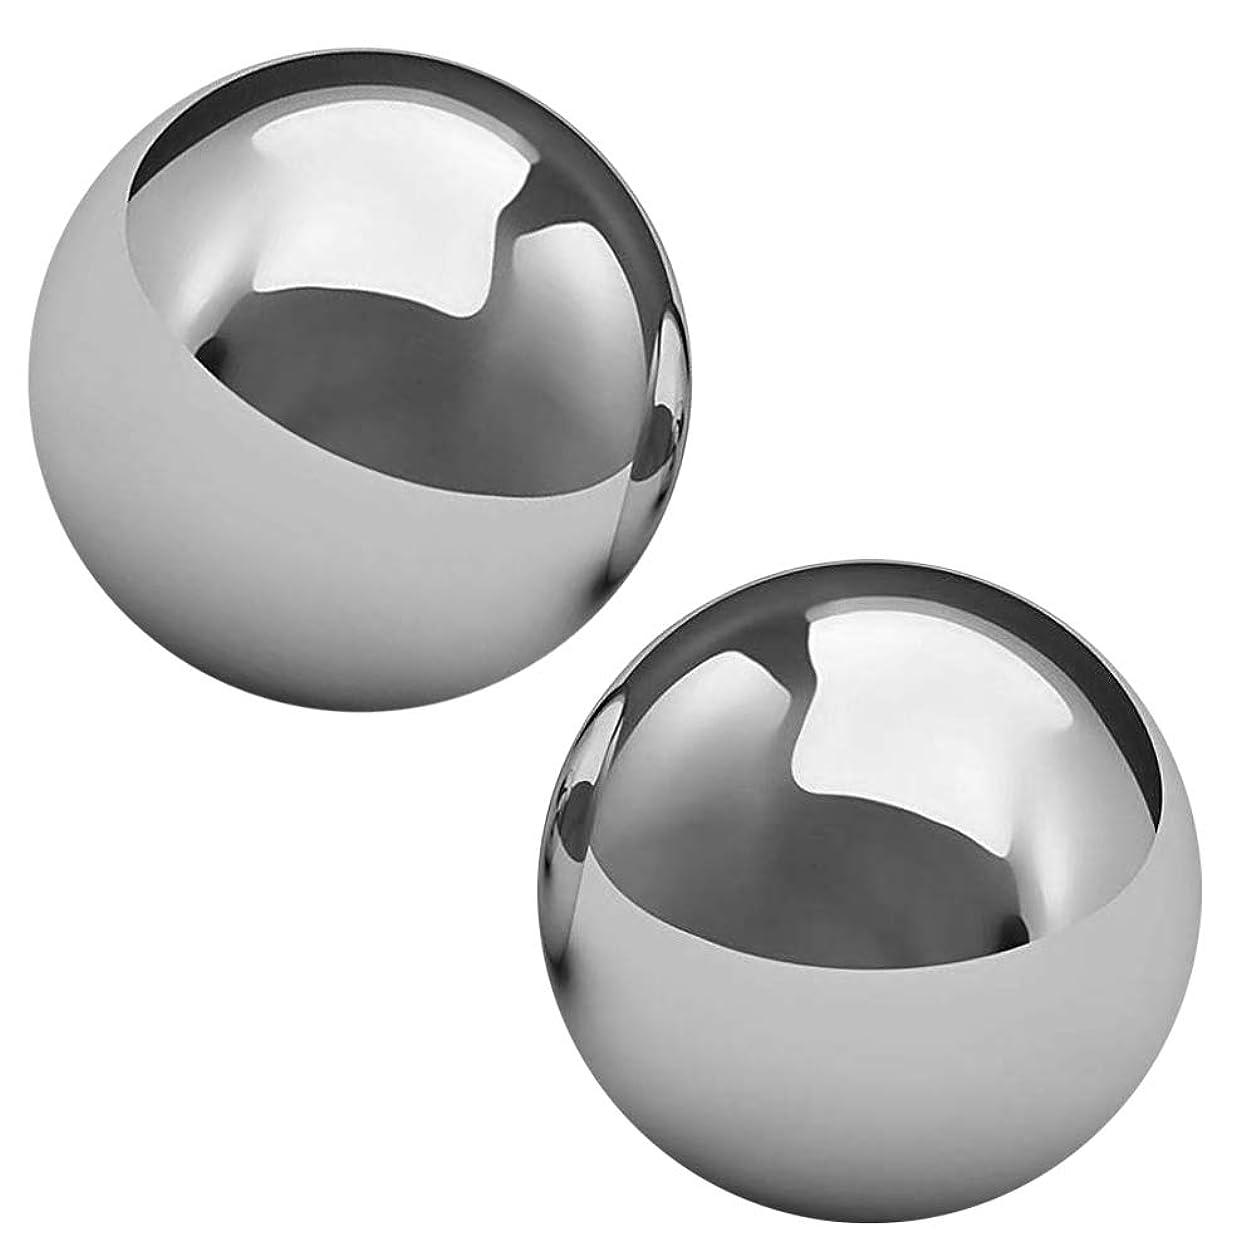 削る馬鹿げたパンツsemi ステンレス製 健康ボール 50mm 2個 ツボ押し 足裏 手の平 マッサージ 脳活性 集中力アップ ストレス解消 楽器練習